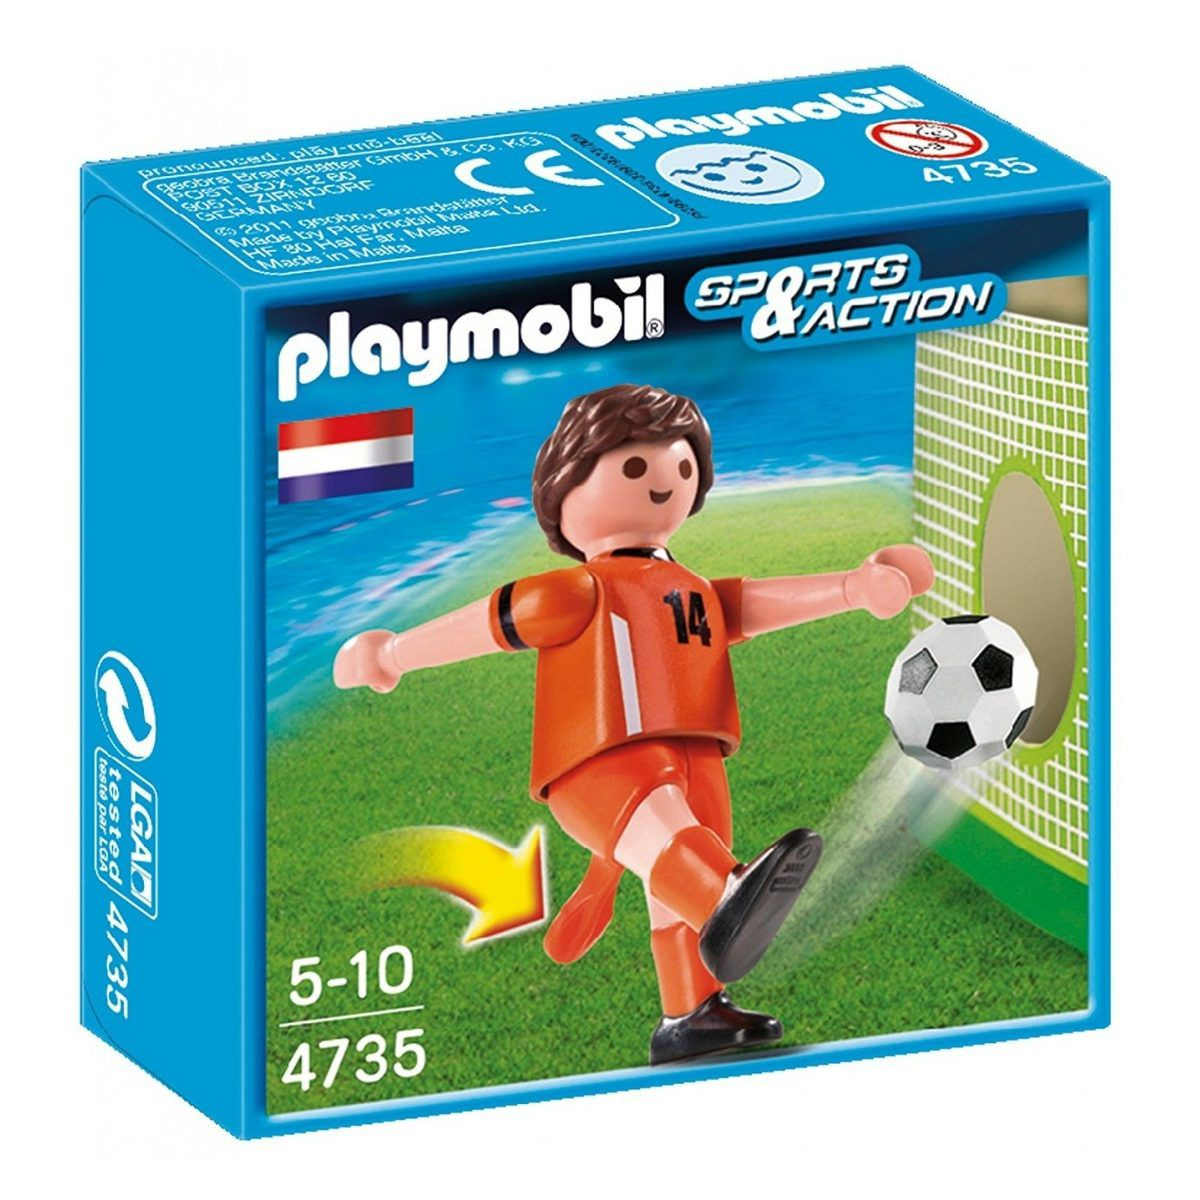 Playmobil Sports e Action - Jogador de Futebol da Holanda - Sunny Original 4735